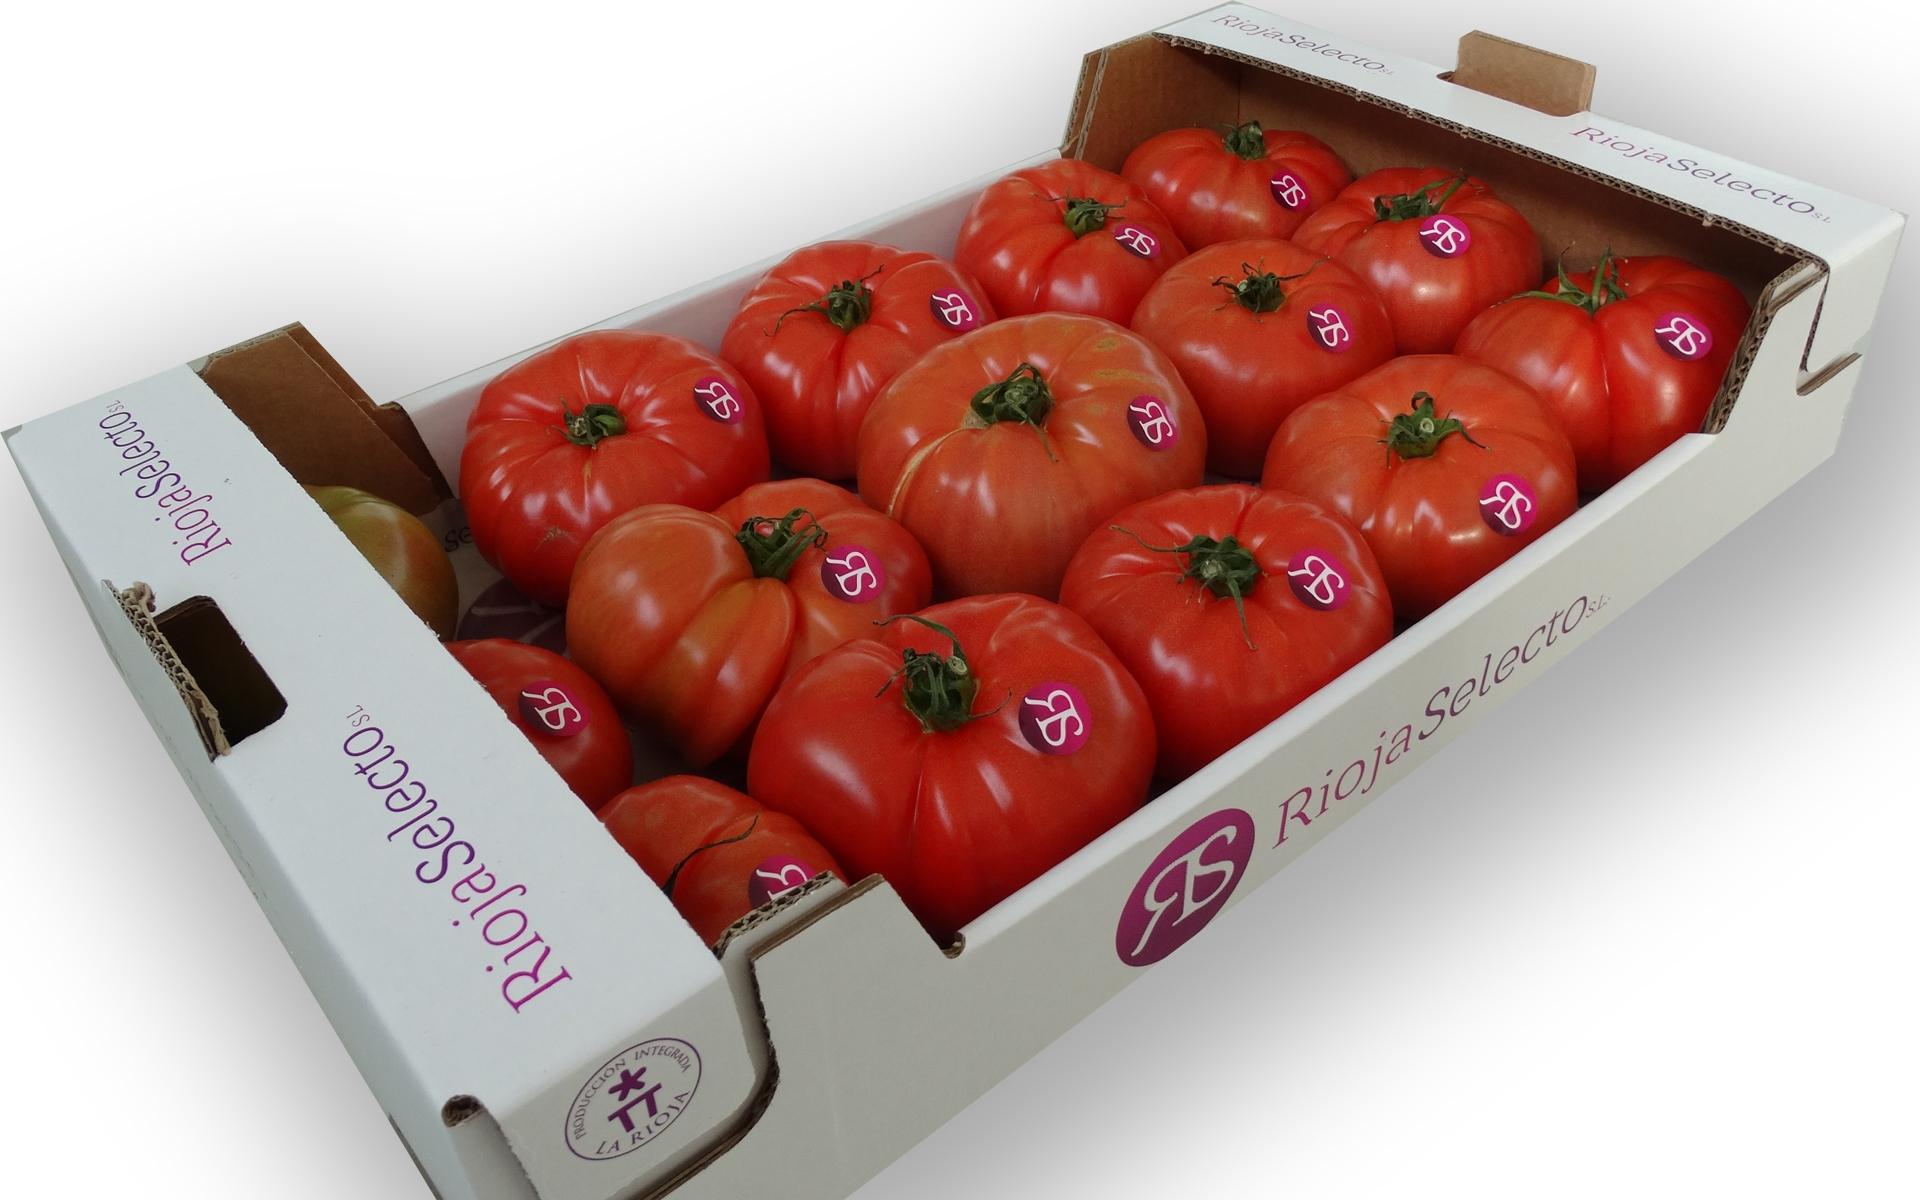 Comprar Tomate de ensalada Extra